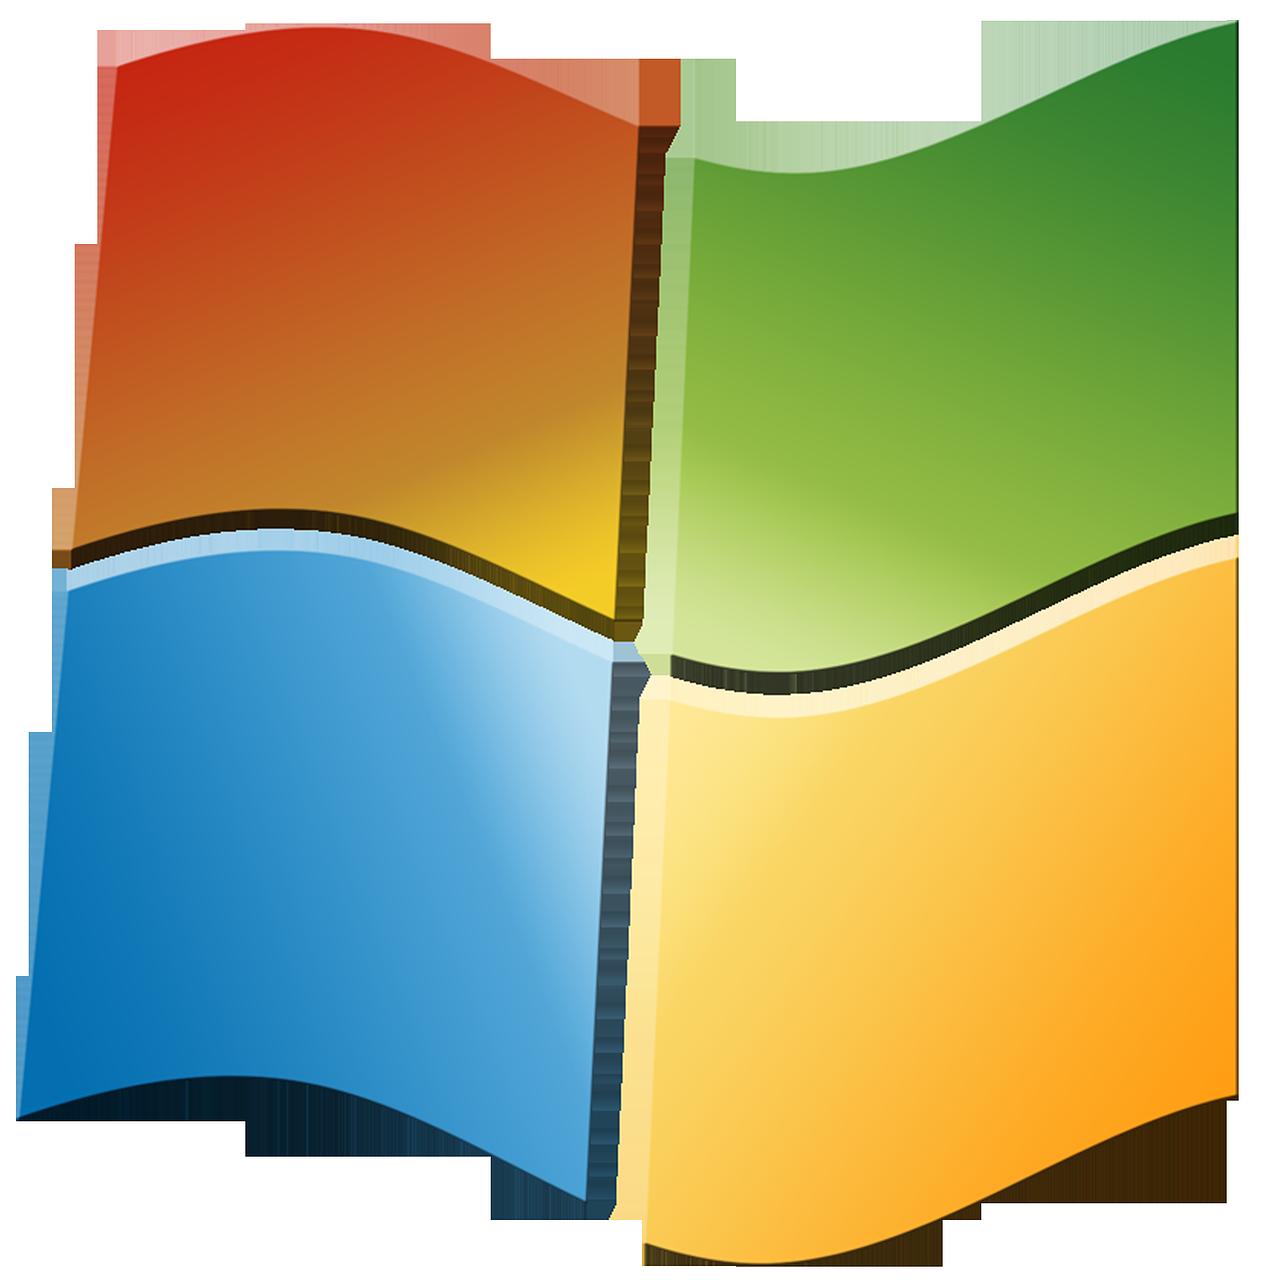 Fin annoncée de Windows 7: attention à la sécurité de vos données